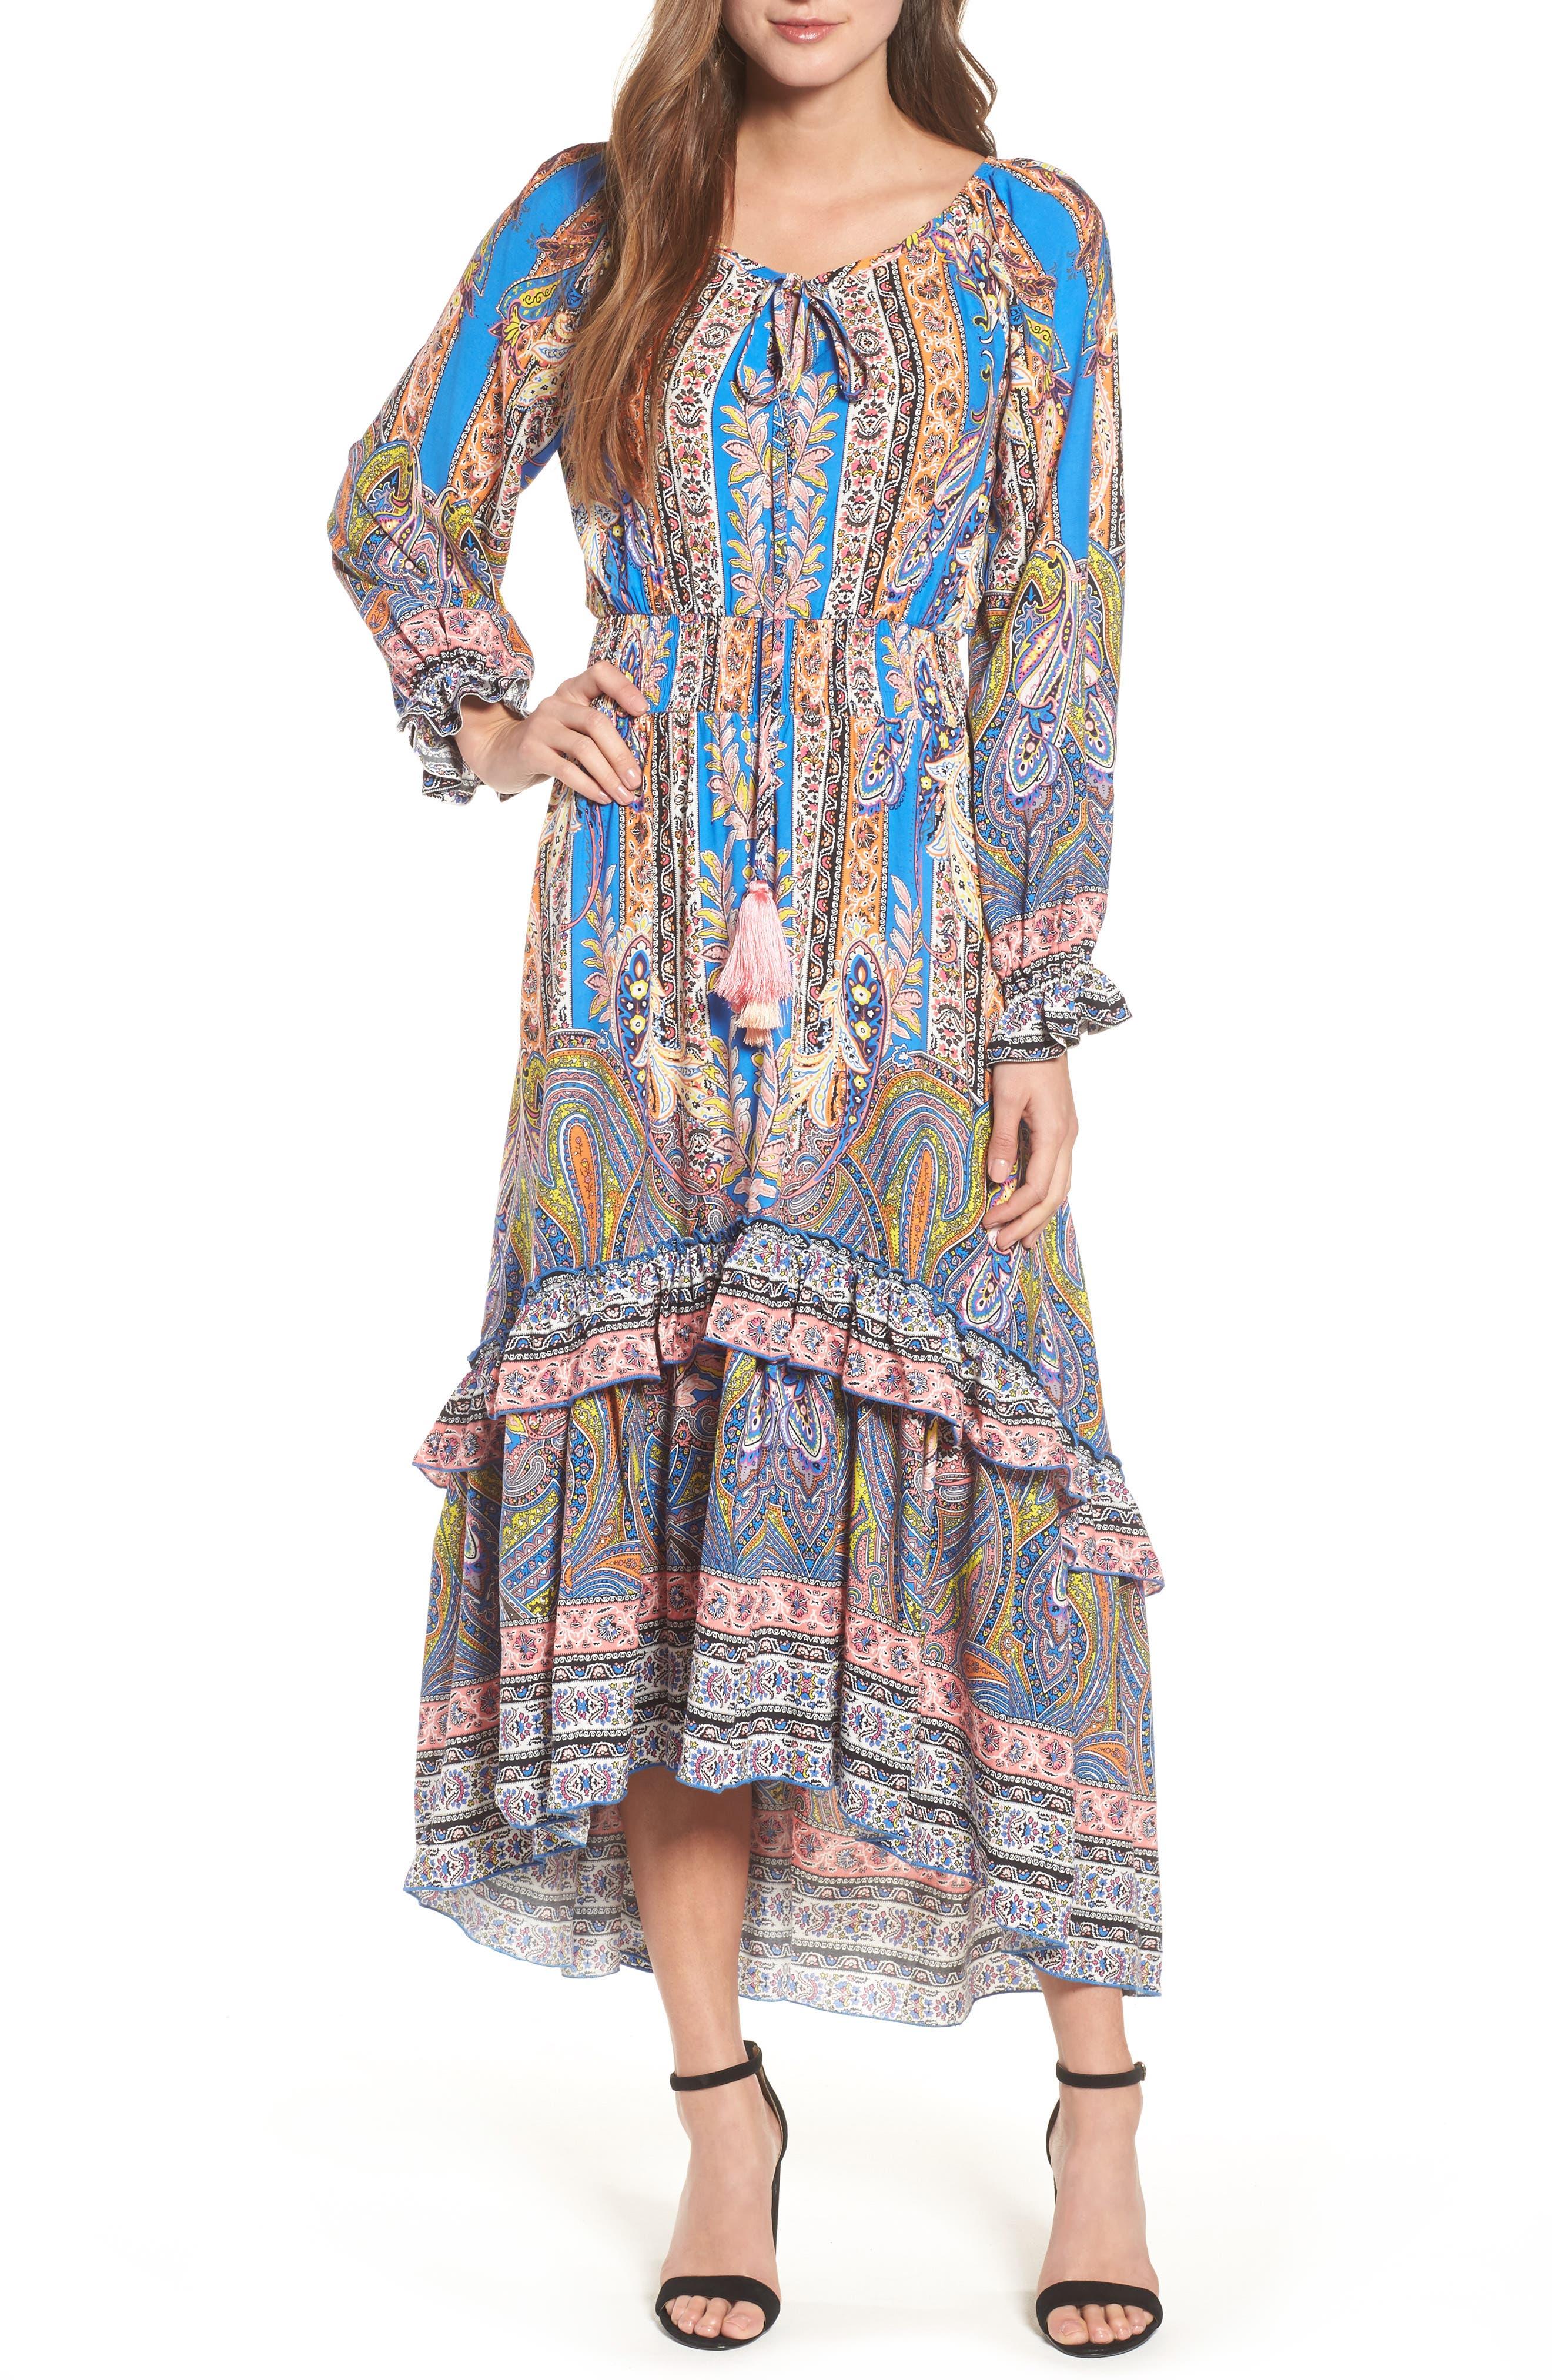 Ronda Paisley Print Maxi Dress,                             Main thumbnail 1, color,                             Pasiley Print